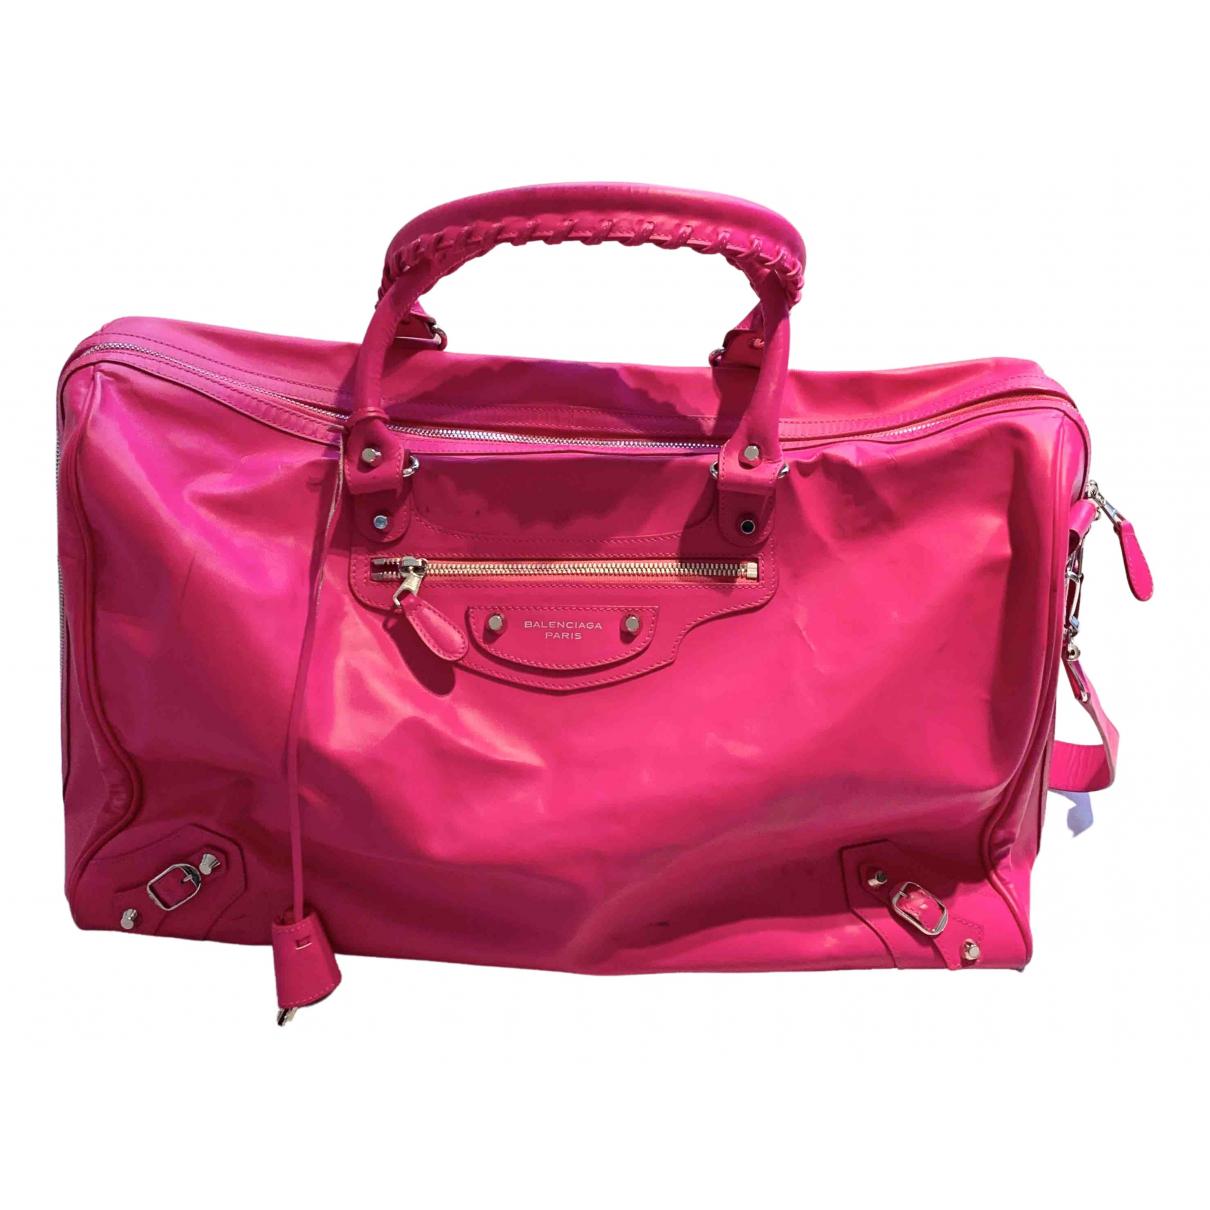 Balenciaga - Sac de voyage   pour femme en cuir - rose